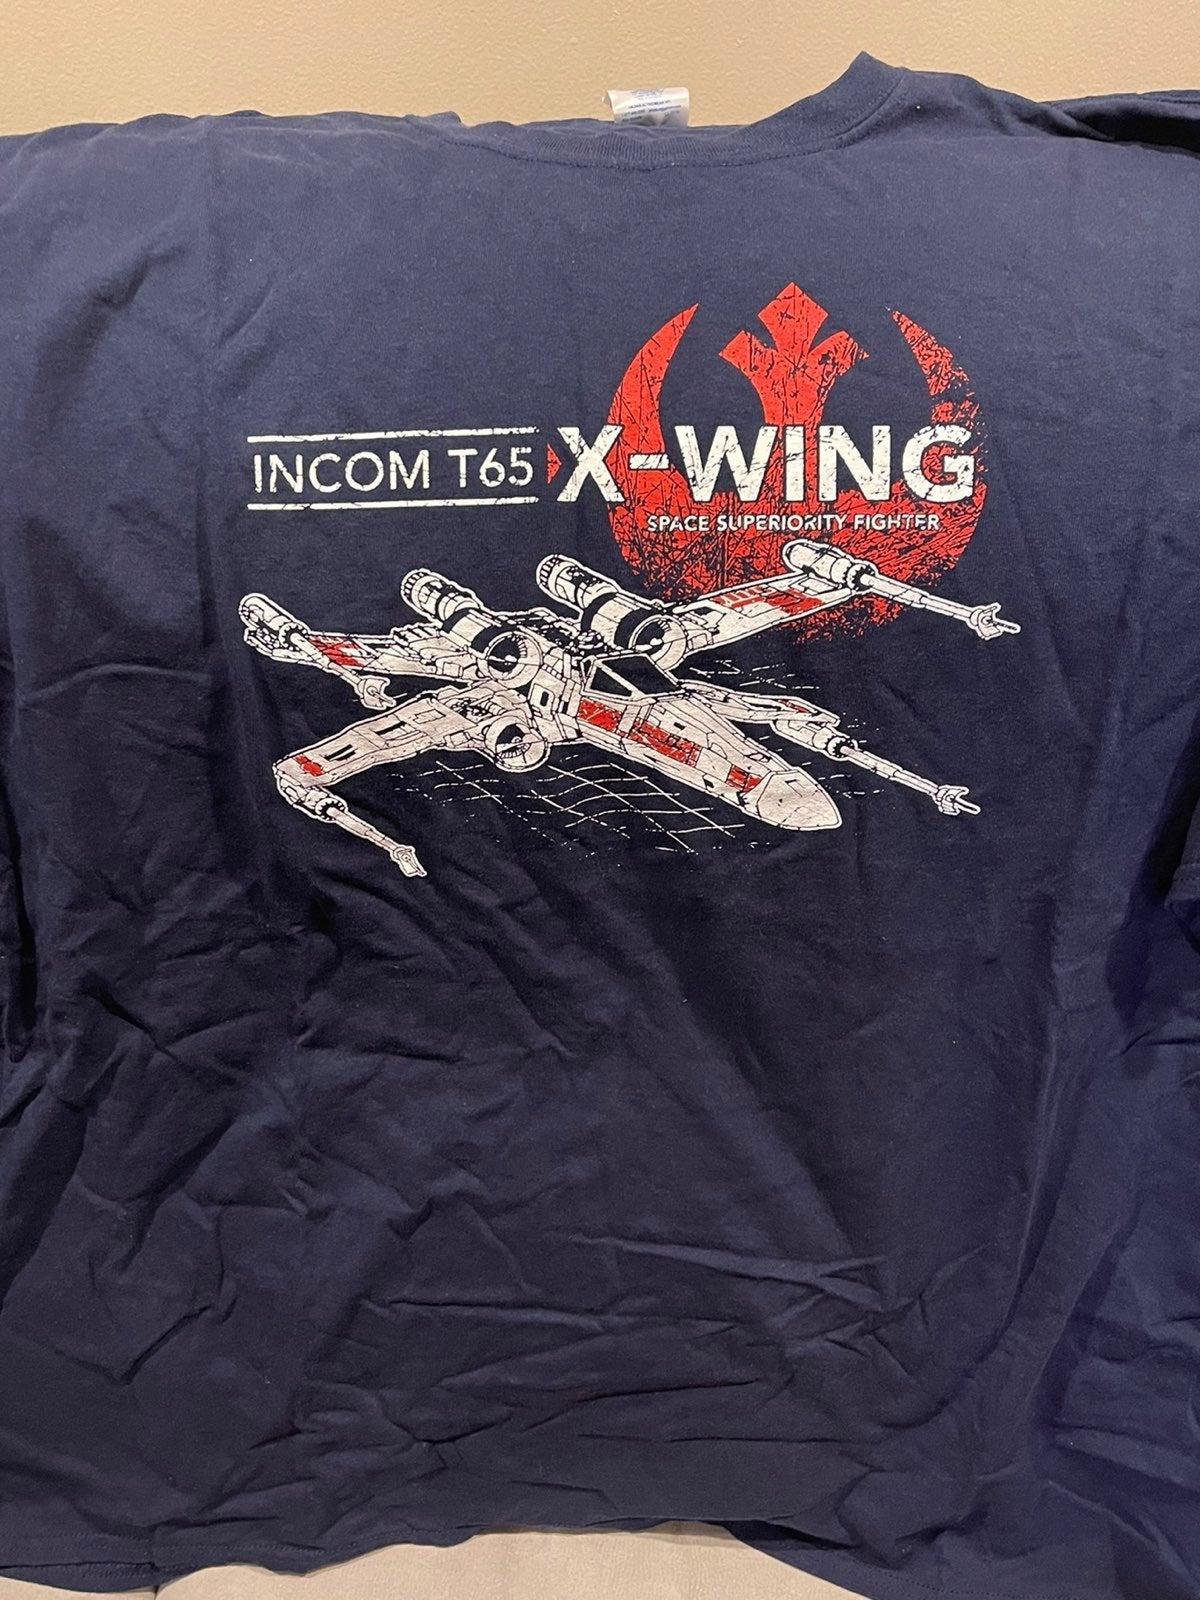 Star Wars Incom T65 X Wing TShirt